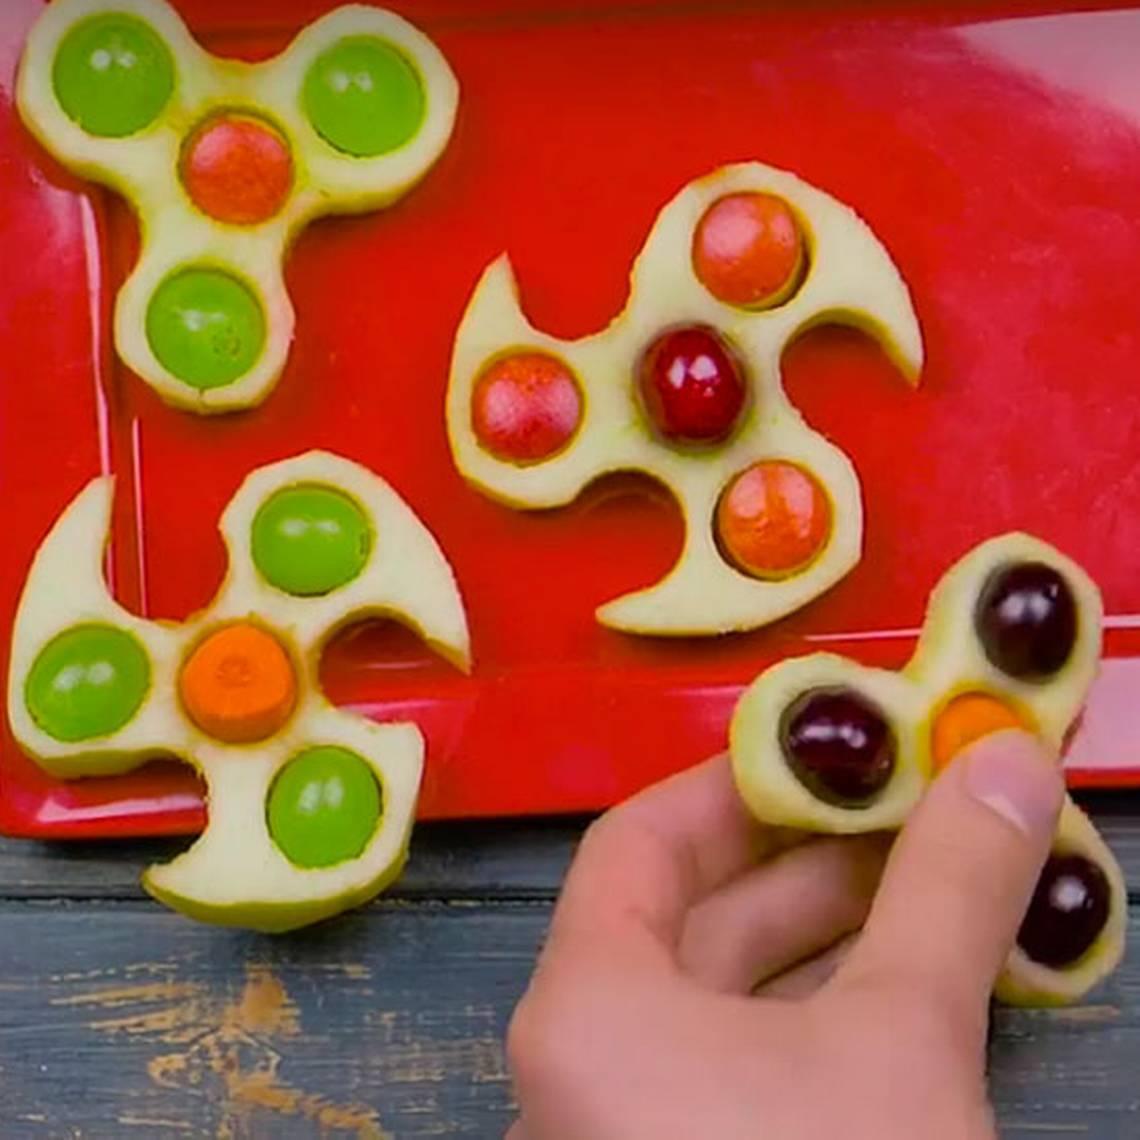 ¡Deliciosos! Prepara tus propios spinners comestibles